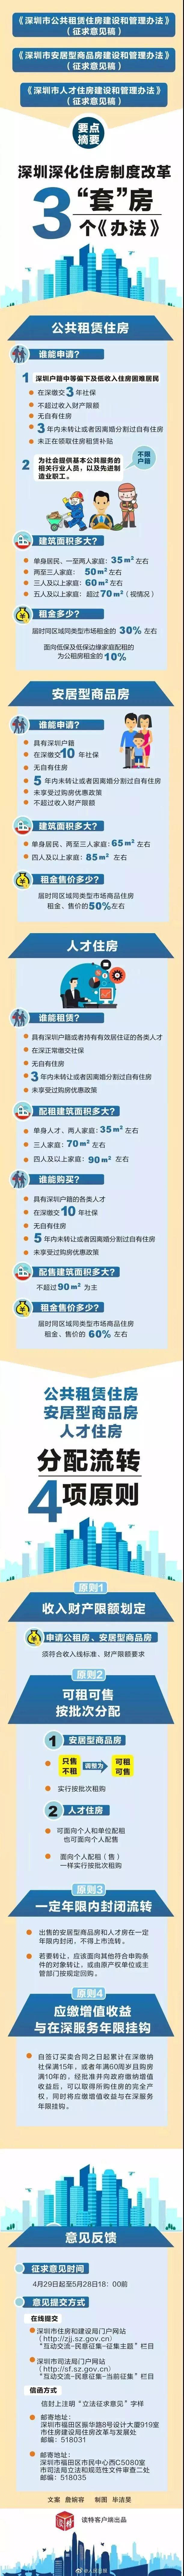 深圳传来大消息!这类人买房打5折 (组图)